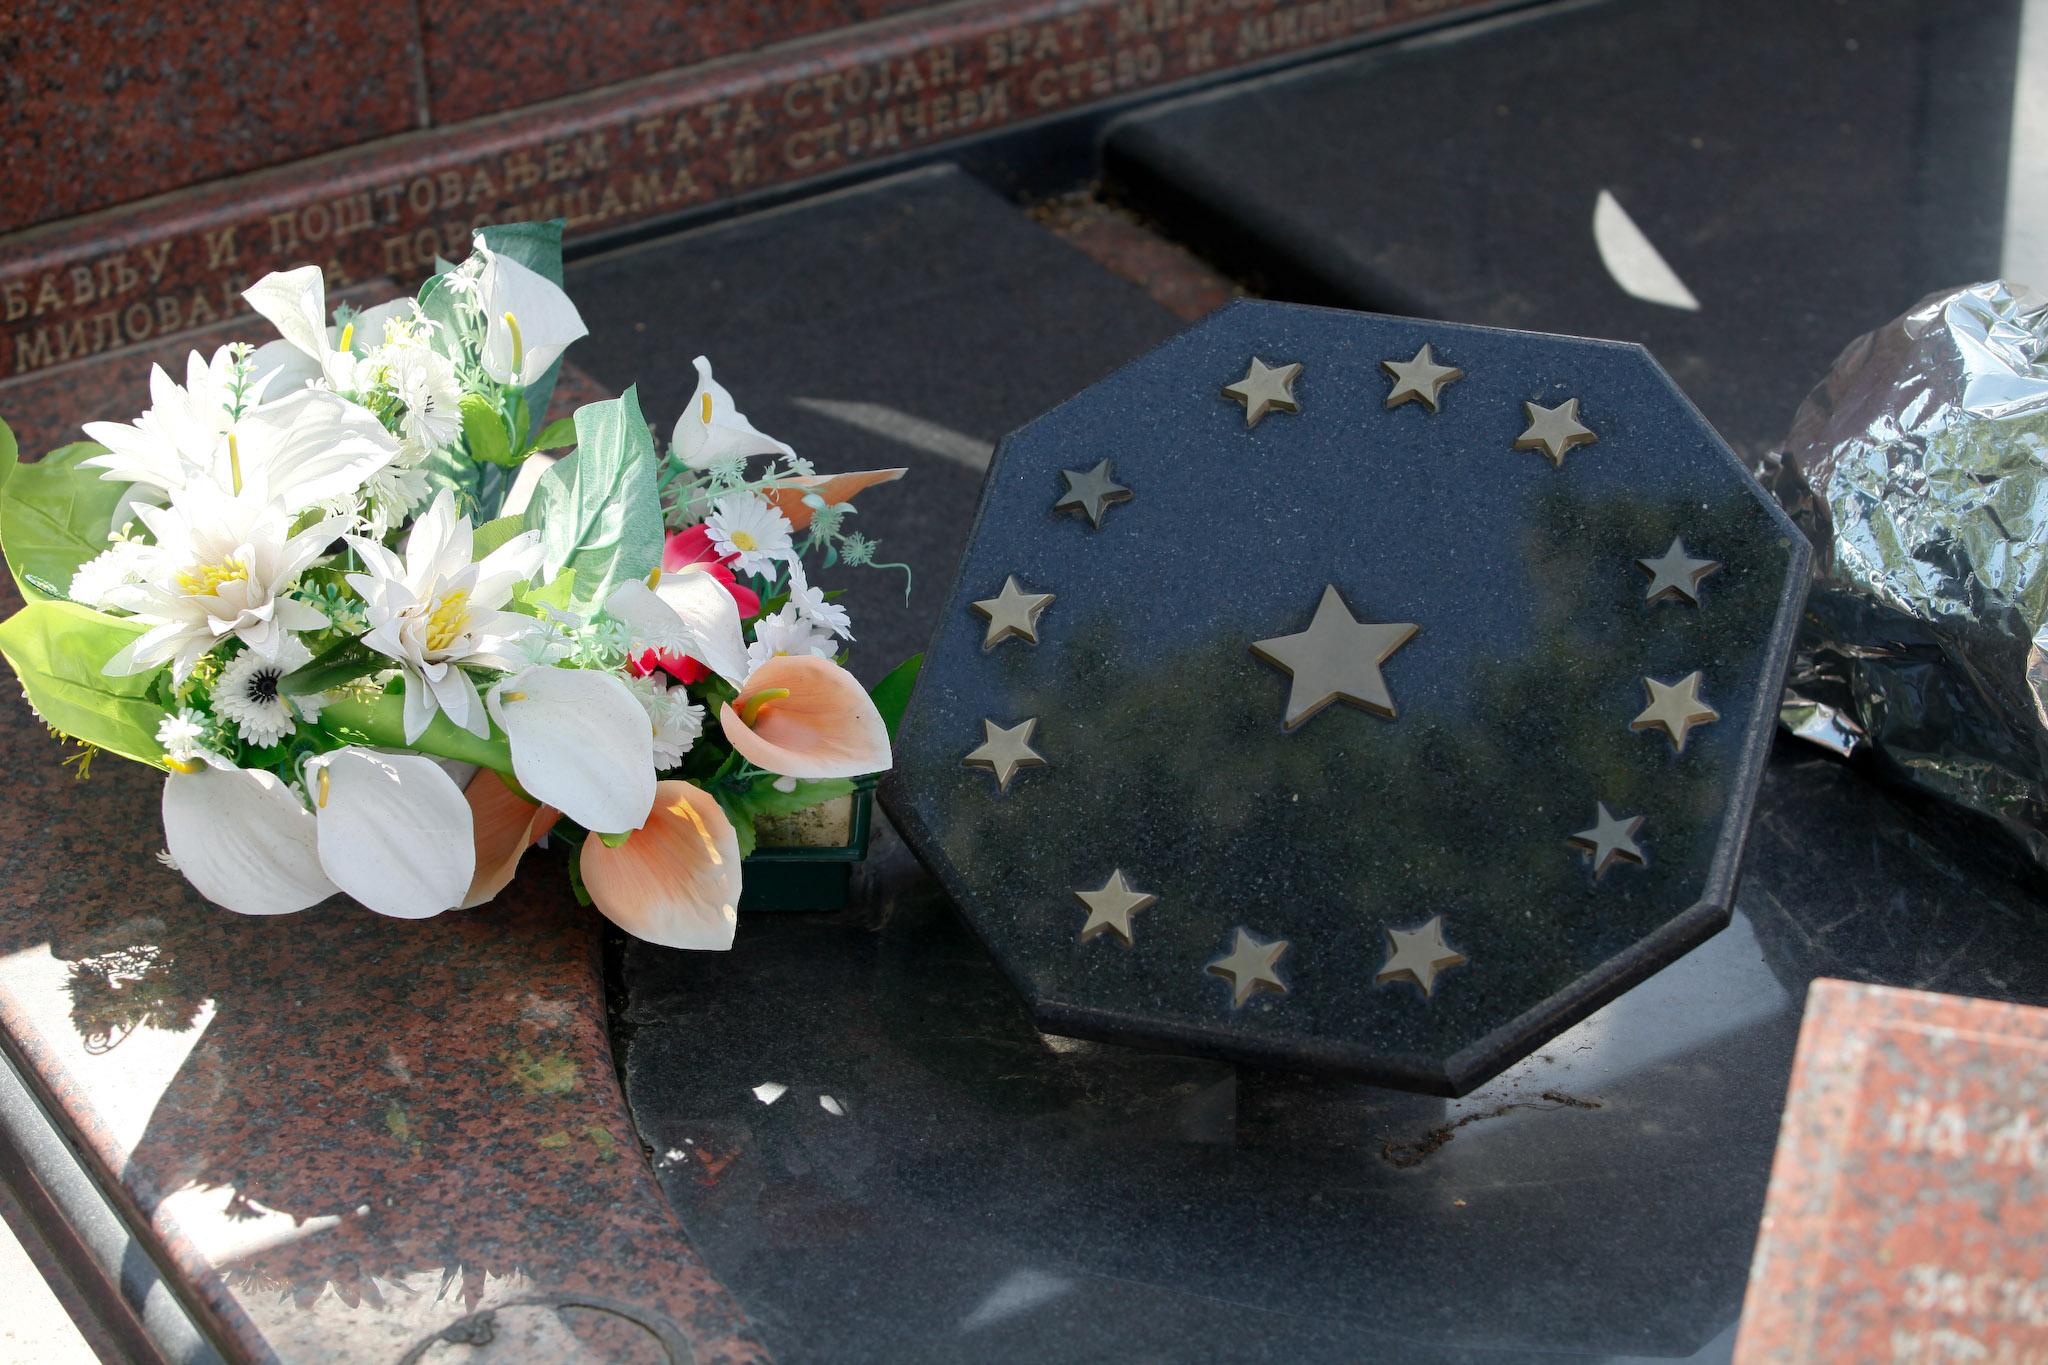 Trinaesta zvezdica: Simbolični spomenik na grobu Slađane Kobas